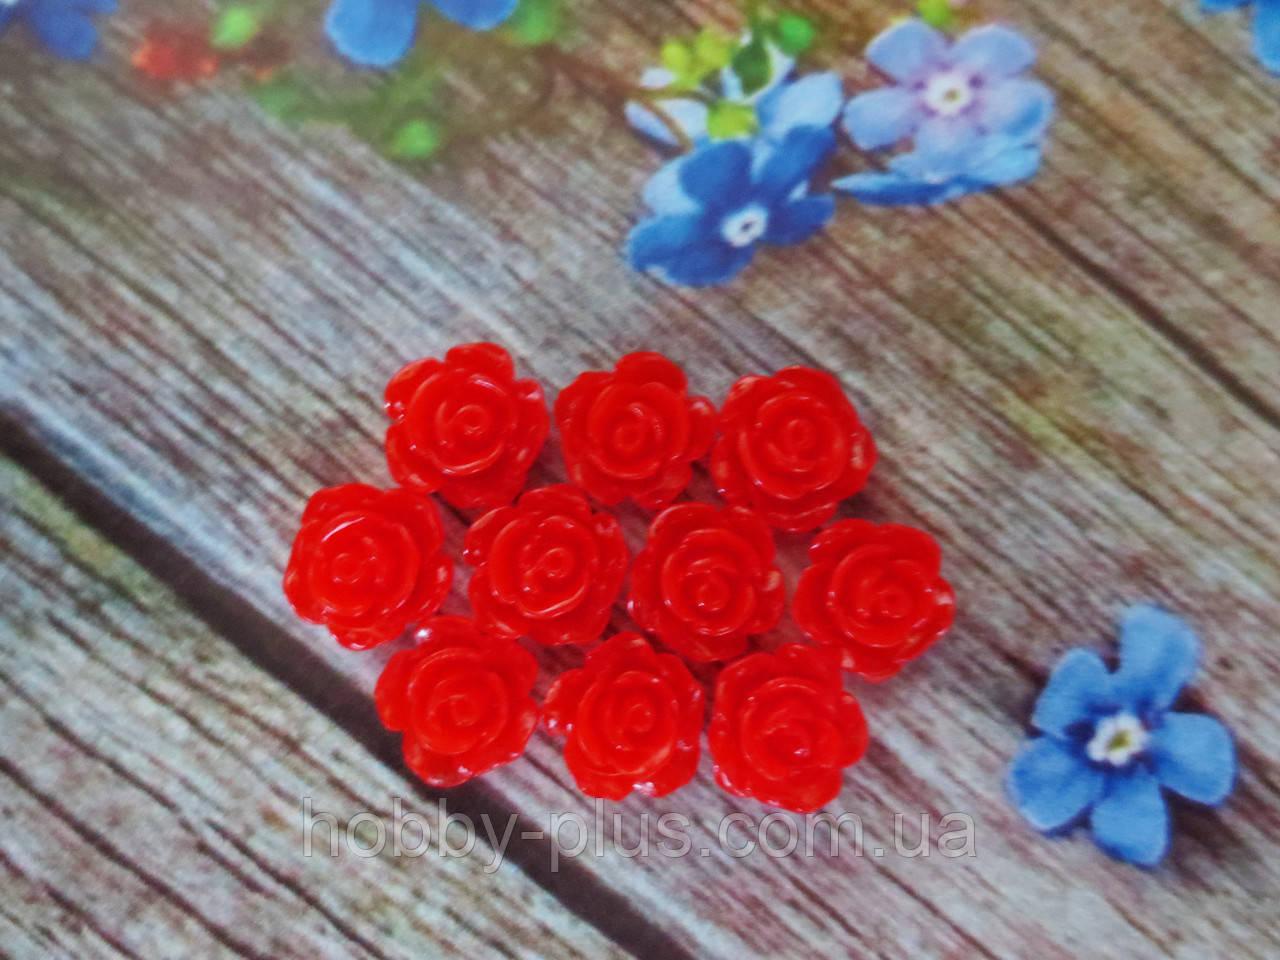 """Серединка акриловая """"Роза лаковая мини"""", 9 мм, цвет красный, 10 шт."""